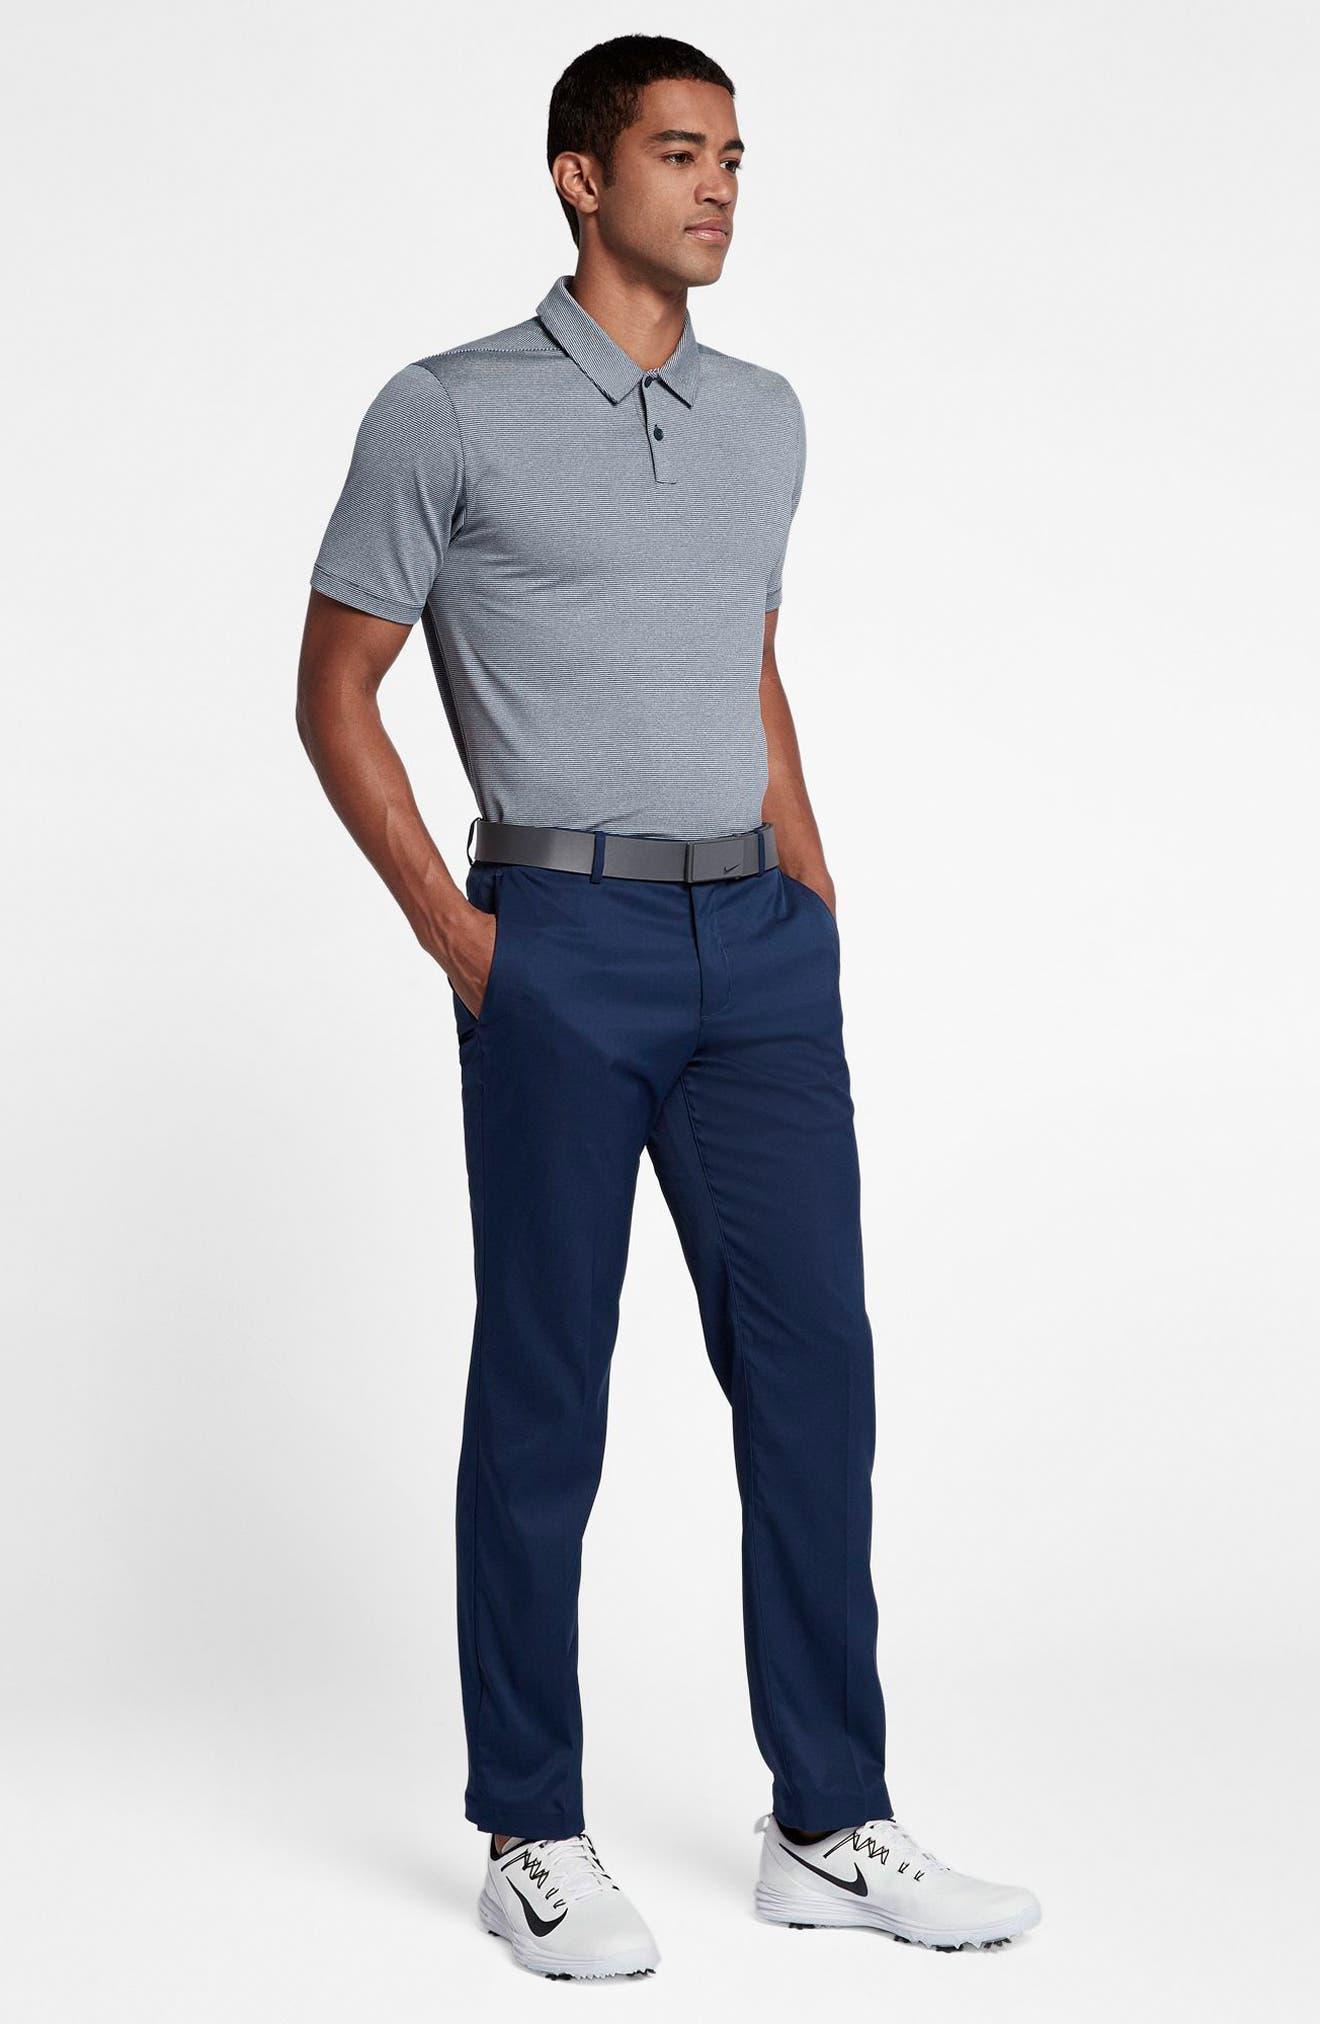 Flat Front Dri-FIT Tech Golf Pants,                             Alternate thumbnail 61, color,